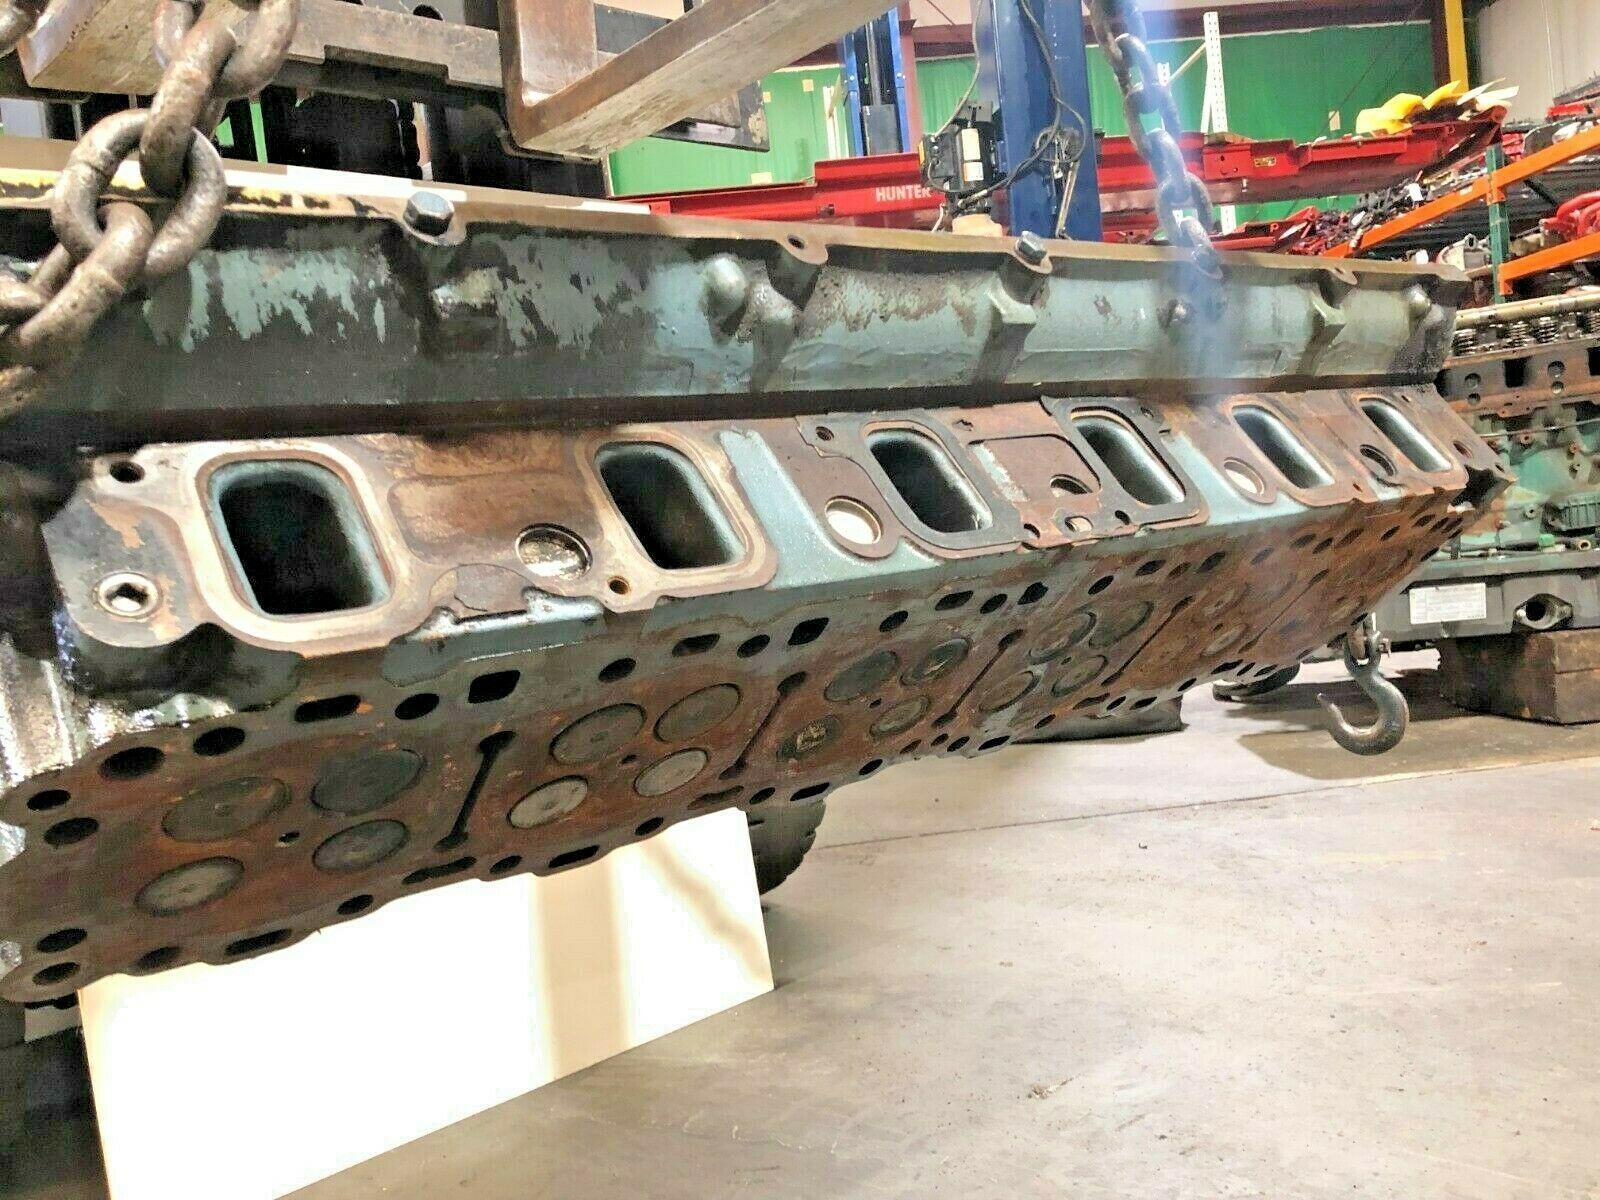 Detroit Series 60 14.0 Liter Diesel Engine Cylinder Head As Is OEM image 3